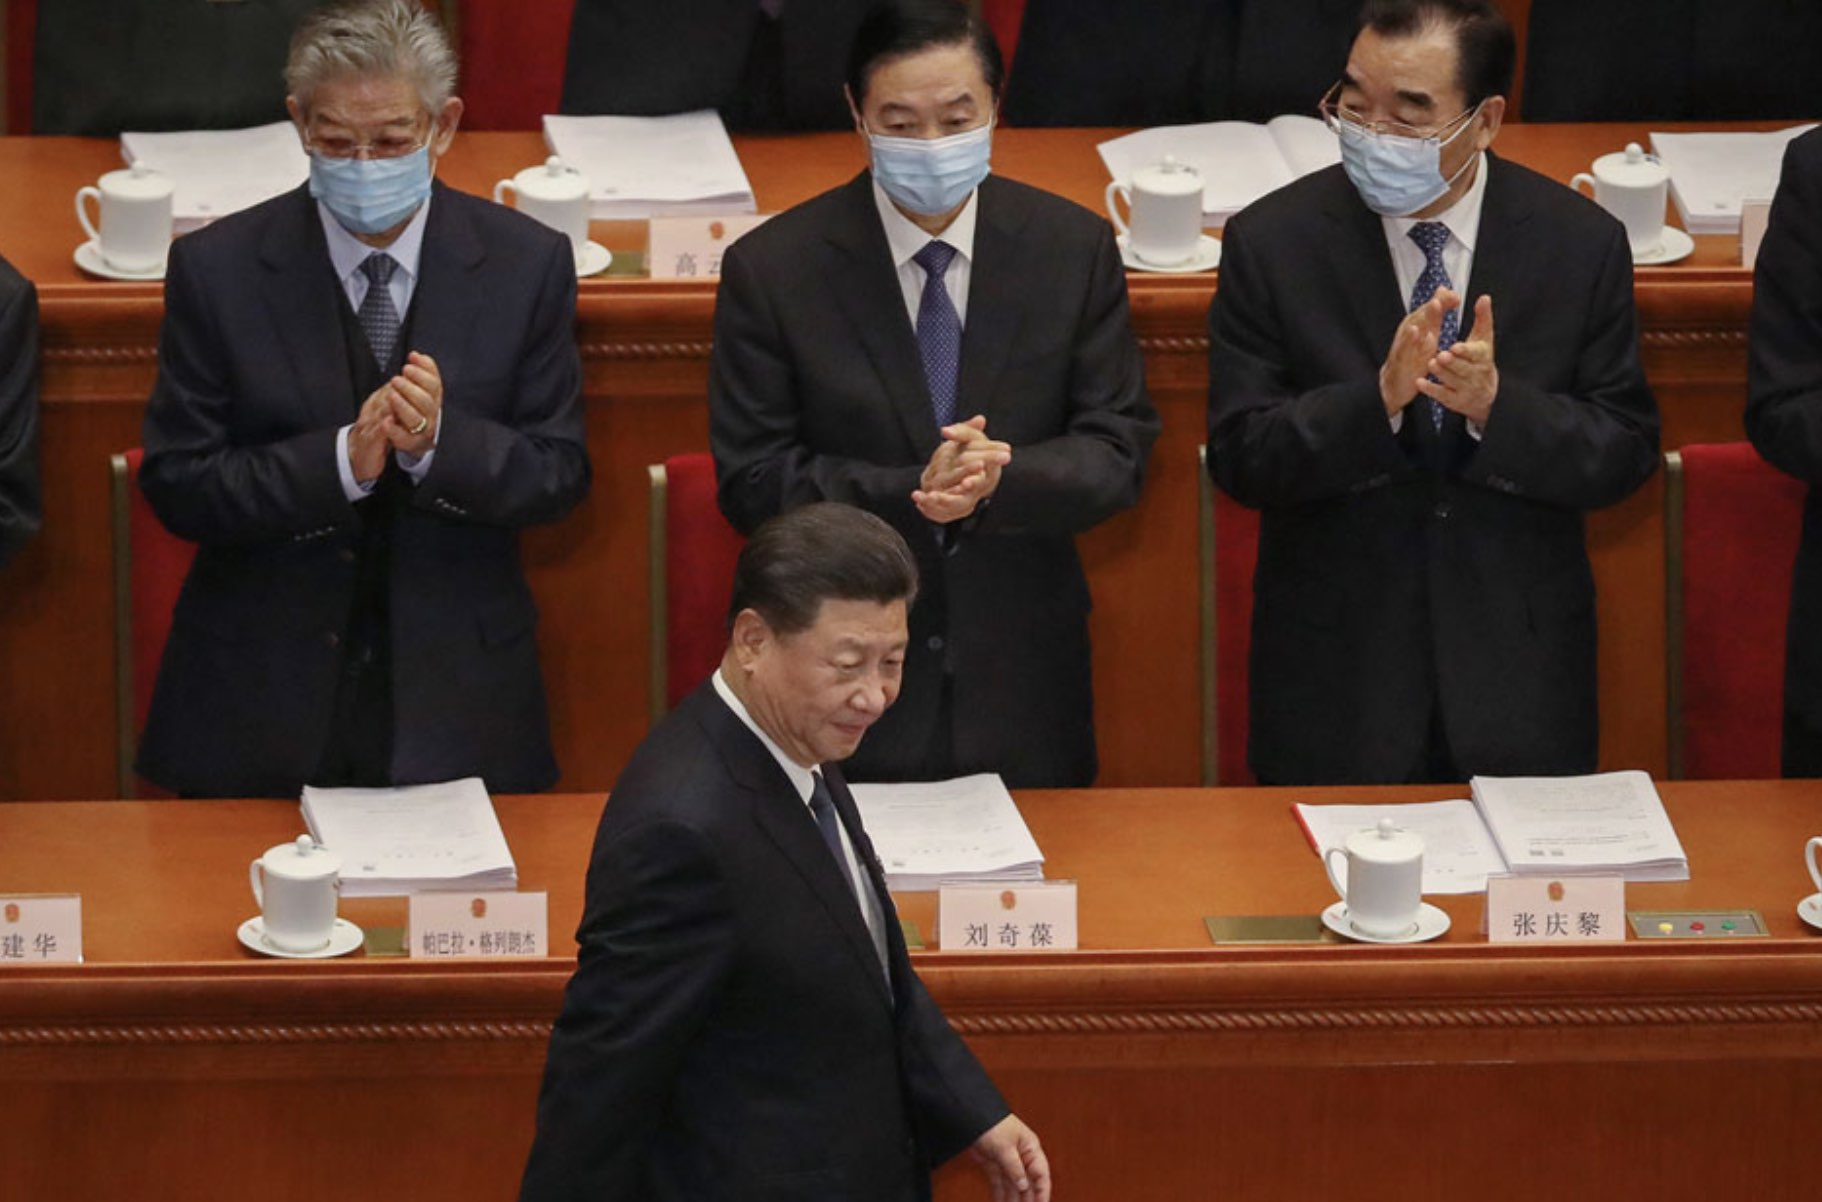 Xi Jinping, China, Sanciones contra China, Estados Unidos, Casa Blanca, COVID-19, Pandemia